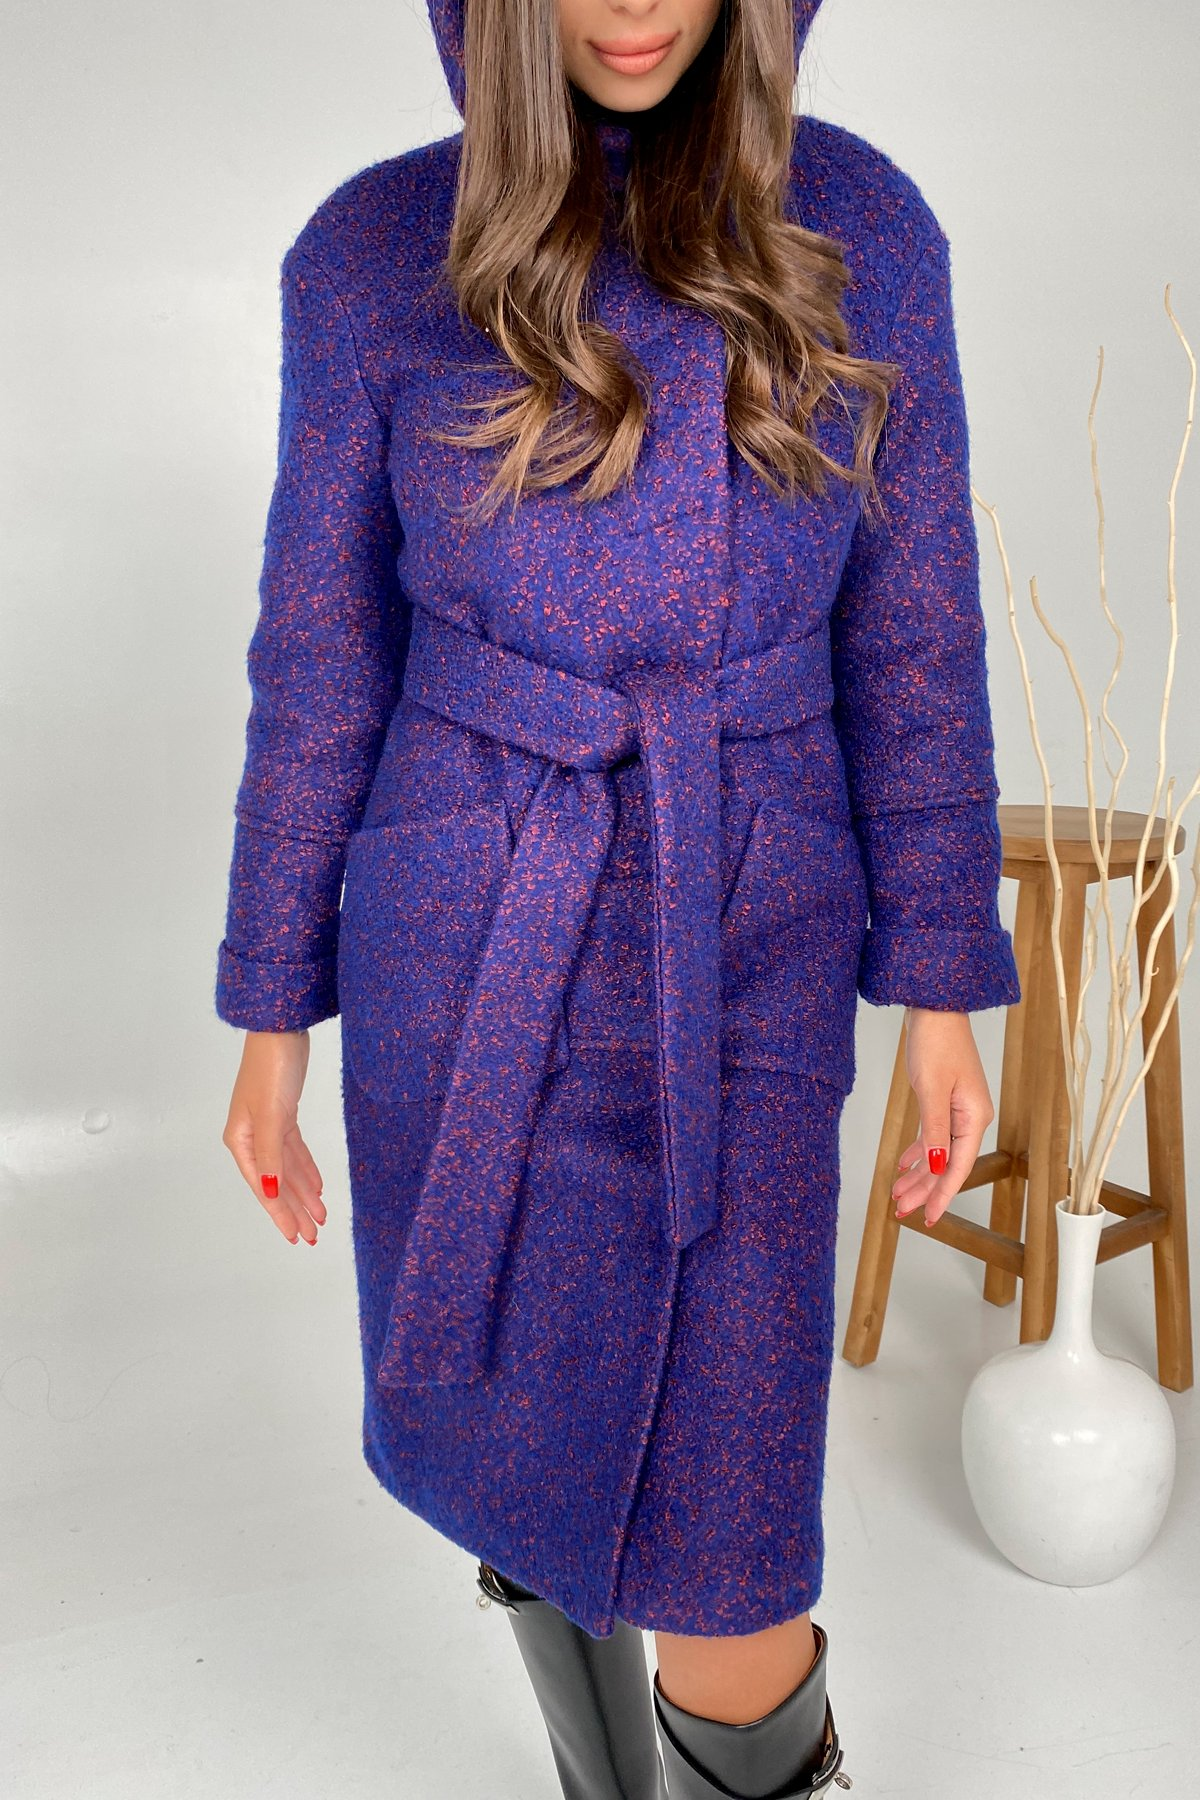 Пальто зима шерсть букле Анита 8320 АРТ. 44770 Цвет: Т.синий/марсал - фото 4, интернет магазин tm-modus.ru